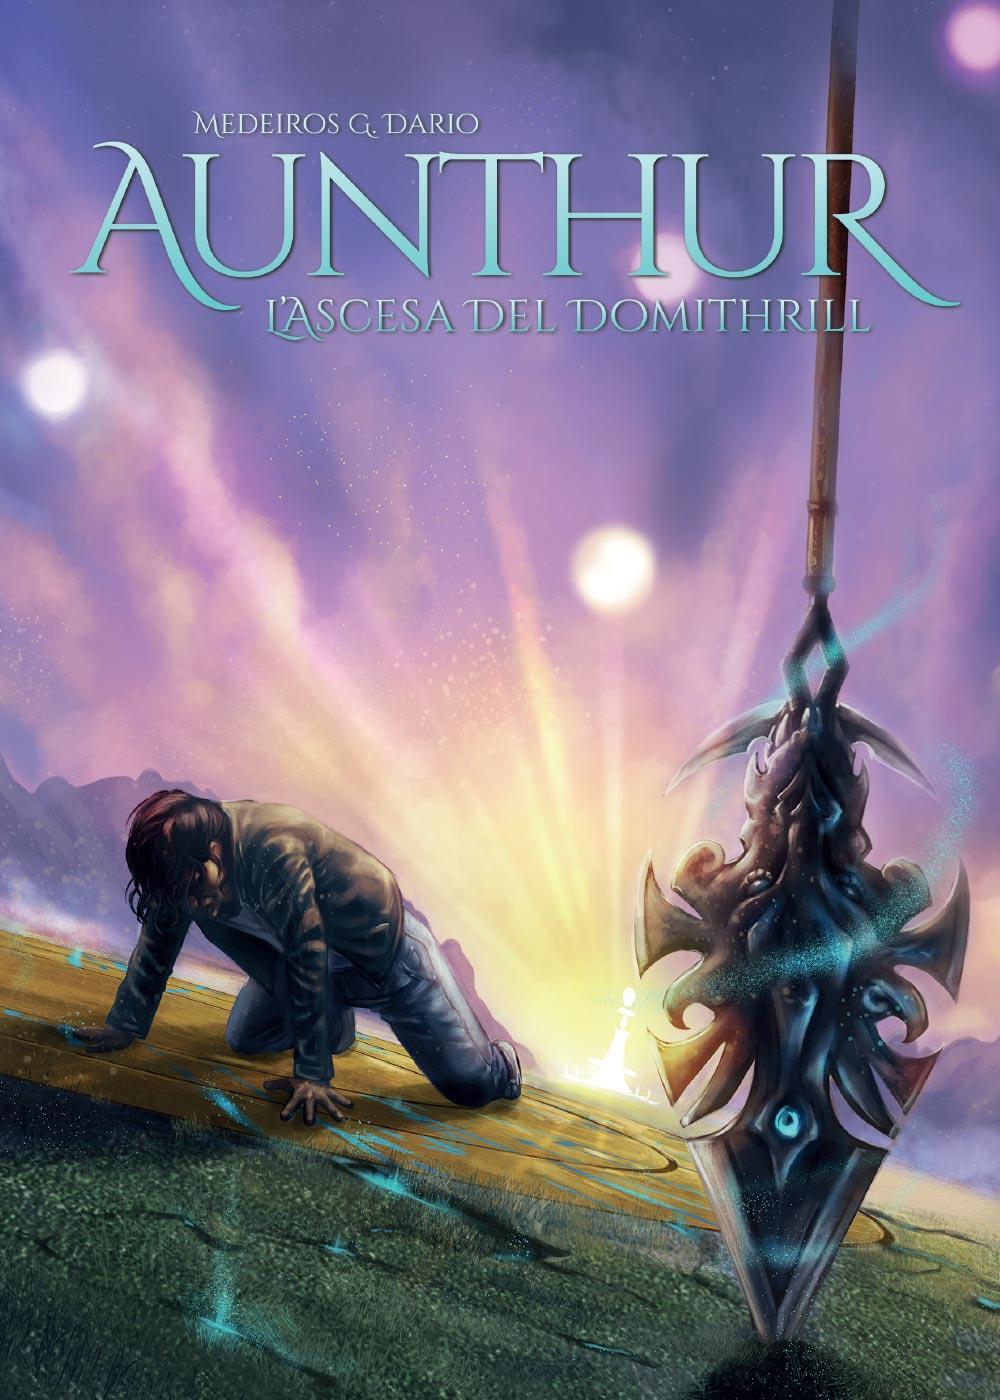 Aunthur - L'Ascesa del Domithrill